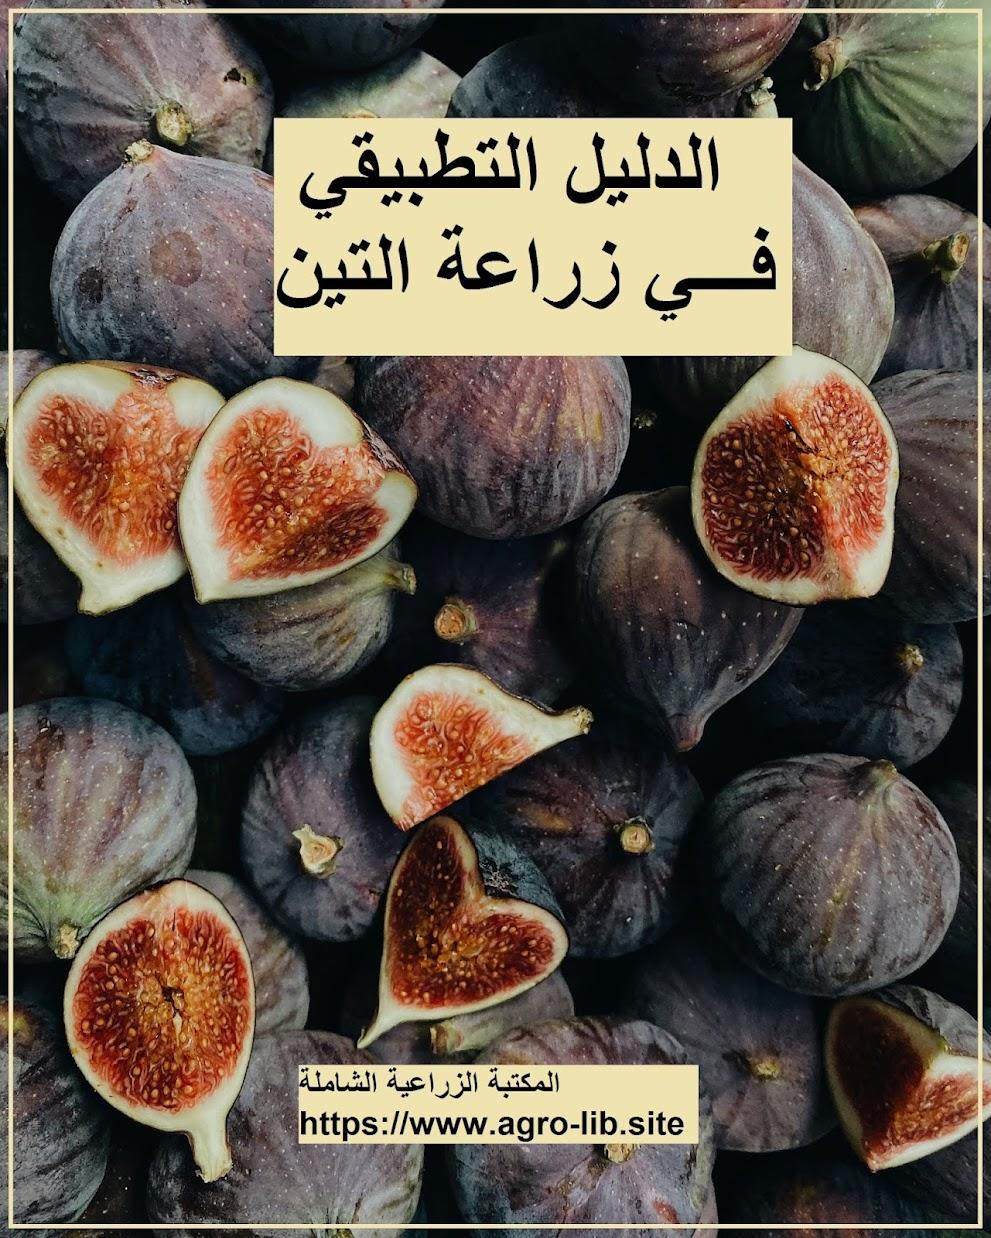 كتاب : الدليل التطبيقي في زراعة التين